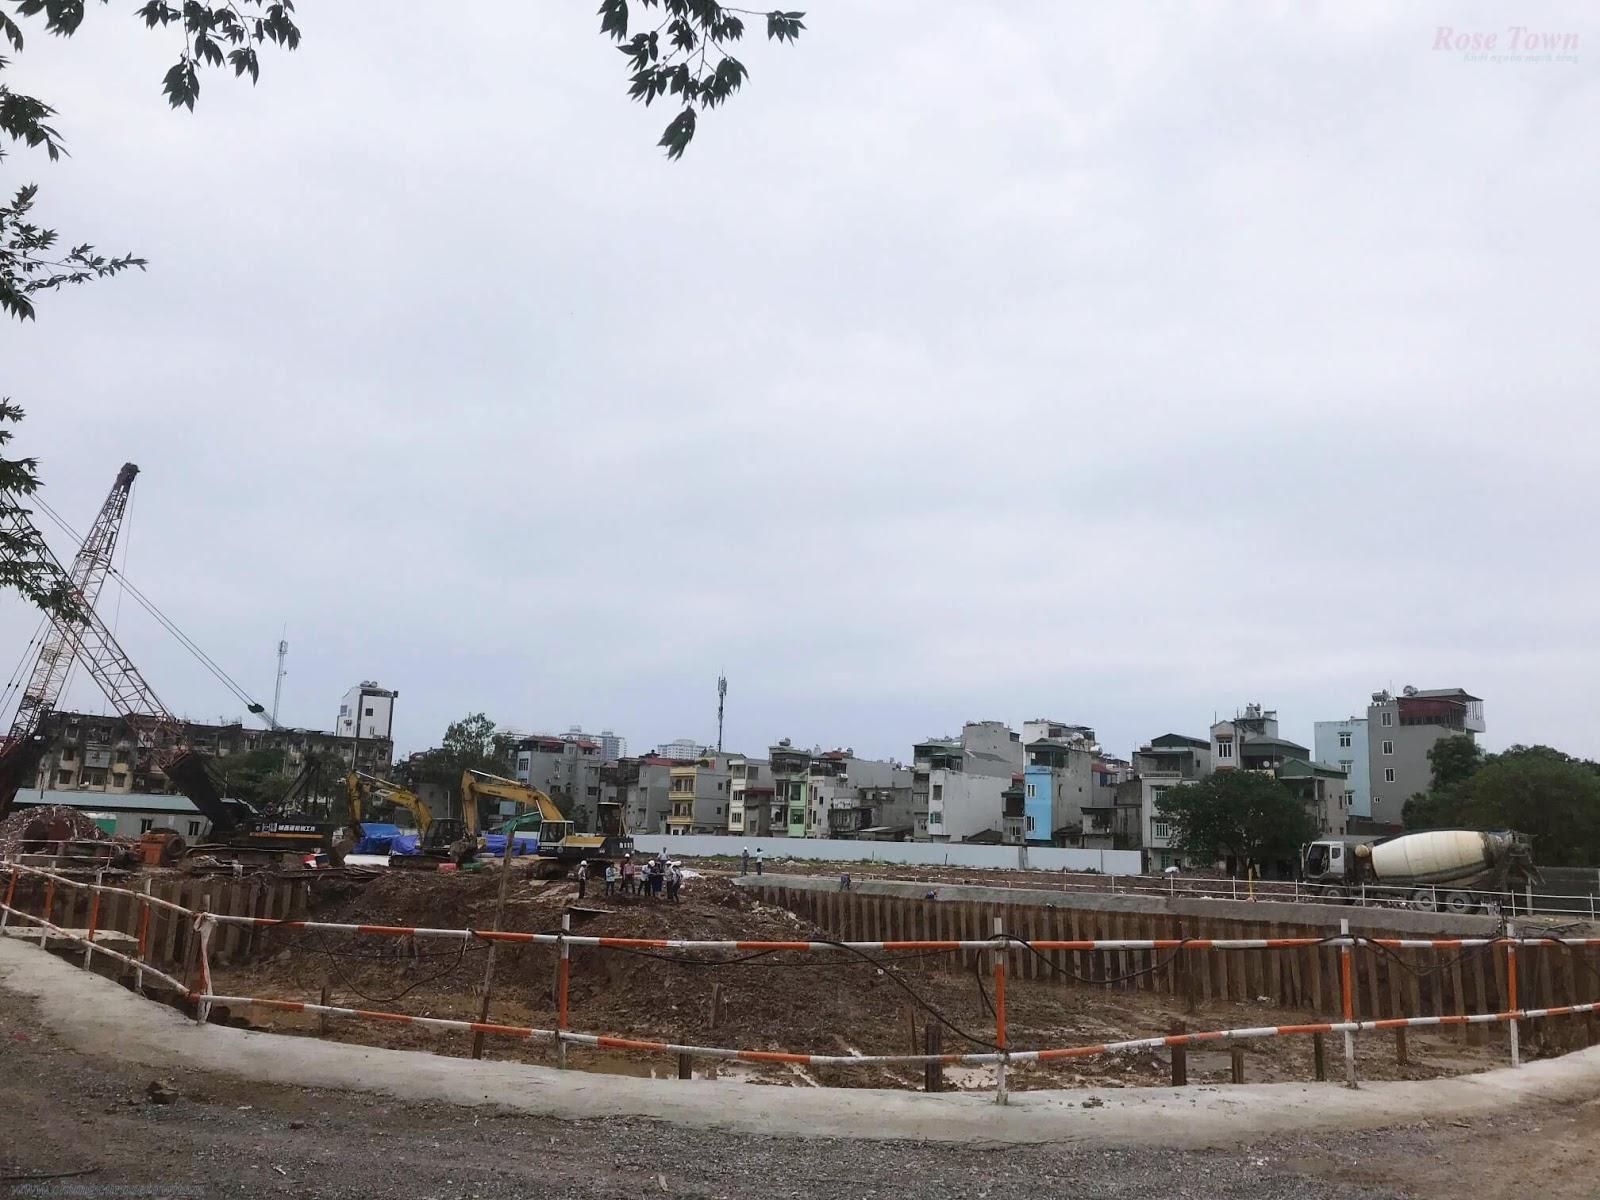 Tiến độ xây dựng mới nhất chung cư Rose Town tháng 9